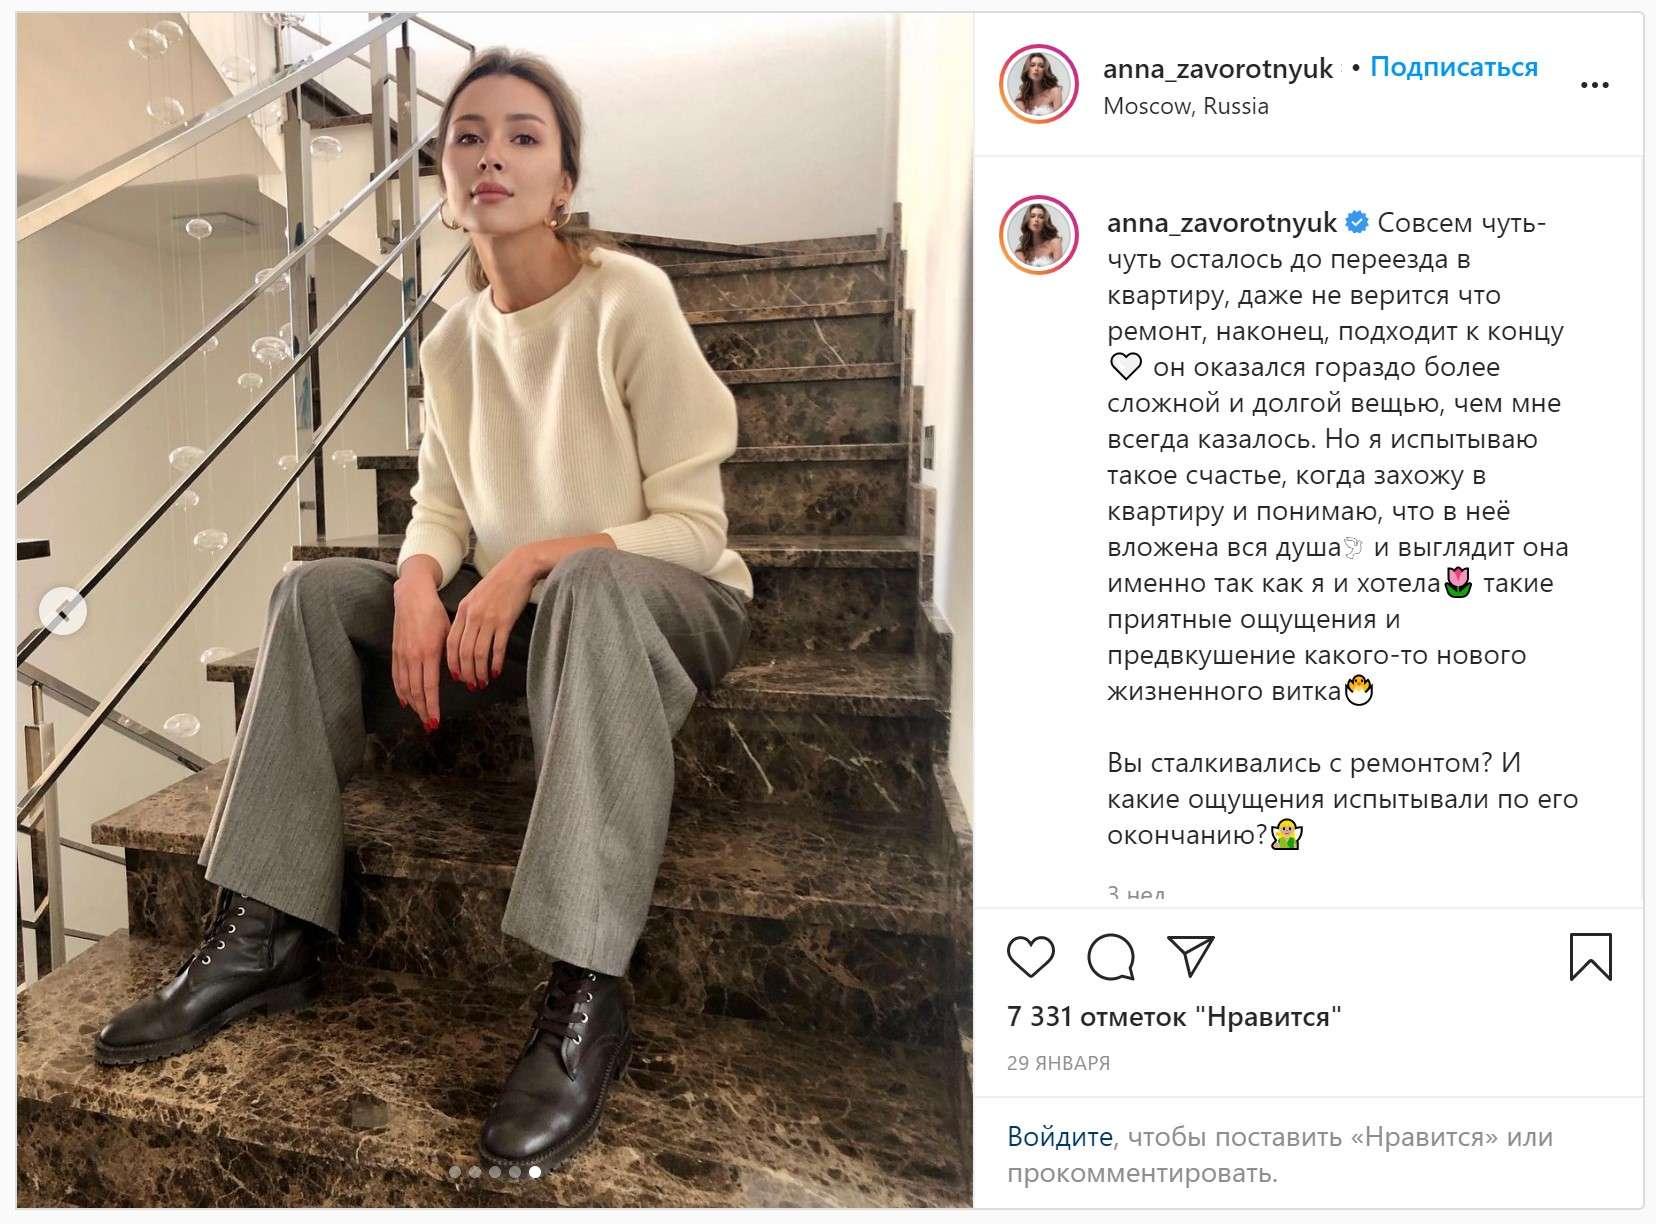 О том что происходит в Семье Заворотнюк, рассказала дочь актрисы, Анна